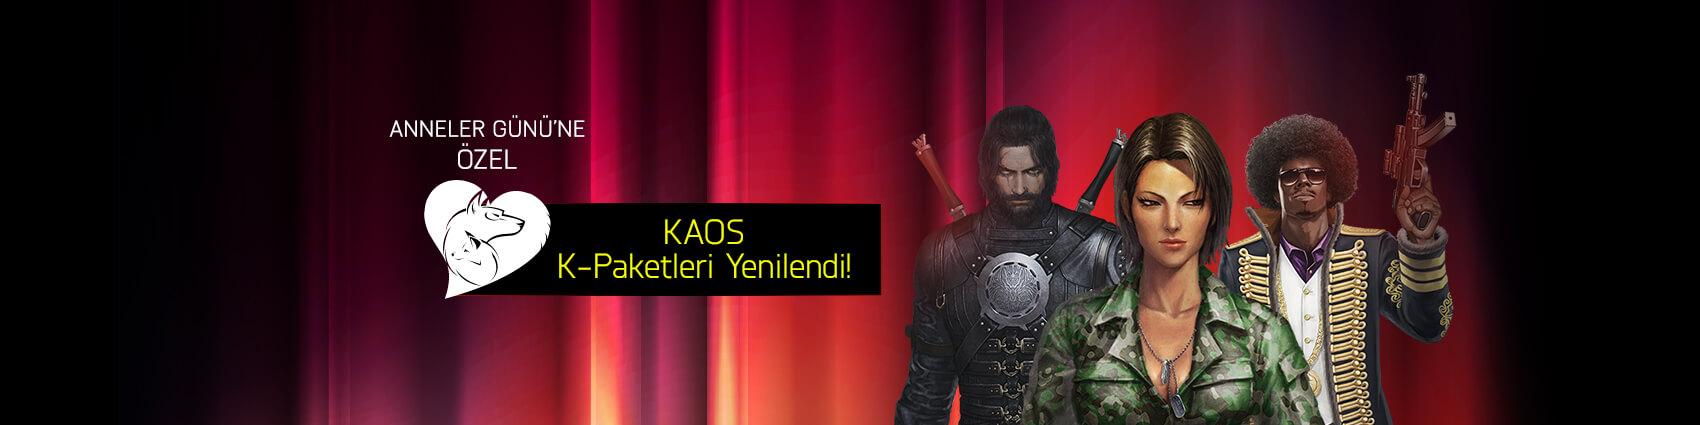 KAOS K-Paketleri